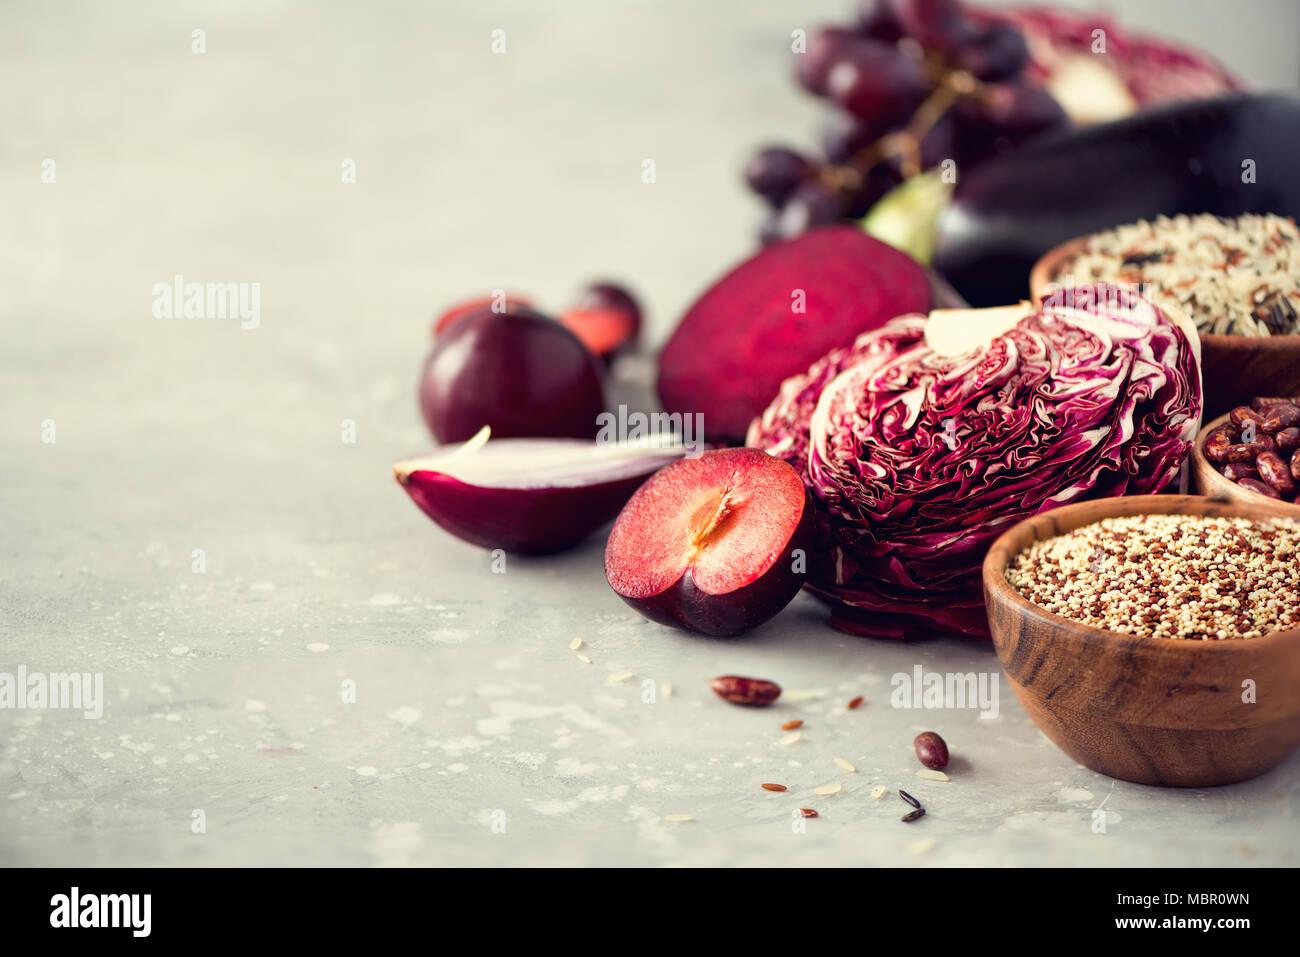 Ingredientes para cocinar, copie el espacio, vista superior, plano laical. Las verduras, las frutas púrpura sobre fondo gris. Violeta berenjena, remolacha, coliflor, violeta, frijoles, ciruelas, cebolla, uva, quinoa, arroz. Imagen De Stock